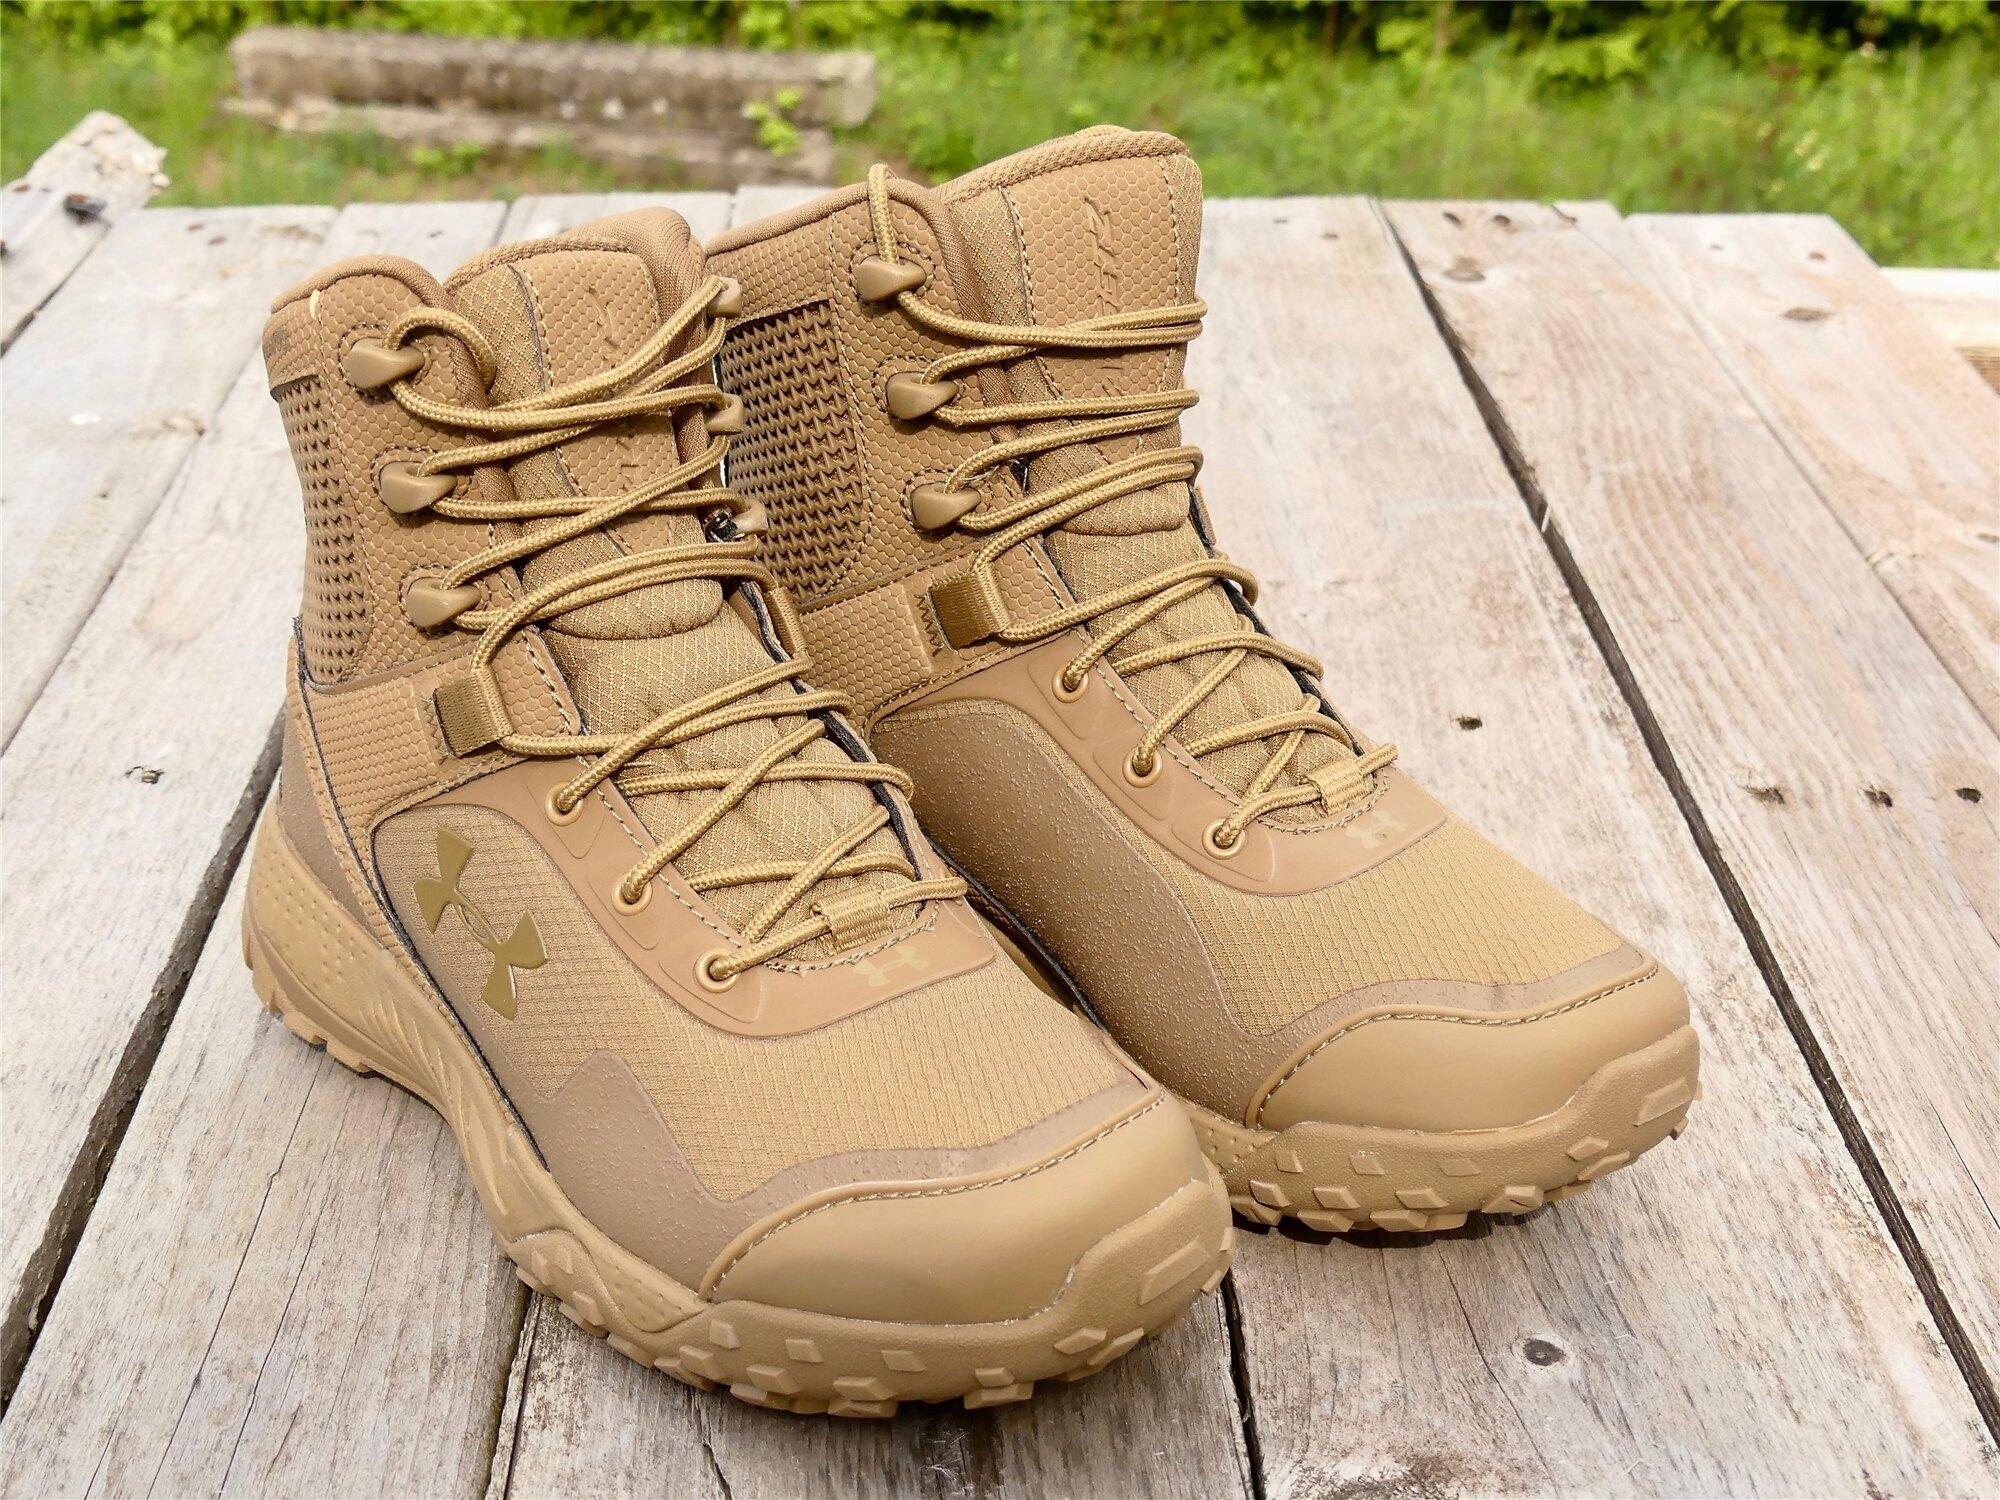 Dámske taktické topánky UNDER ARMOUR® Valsetz RTS 1.5 - Coyote Brown (Farba: Coyote, Veľkosť: 36.5 (EU))